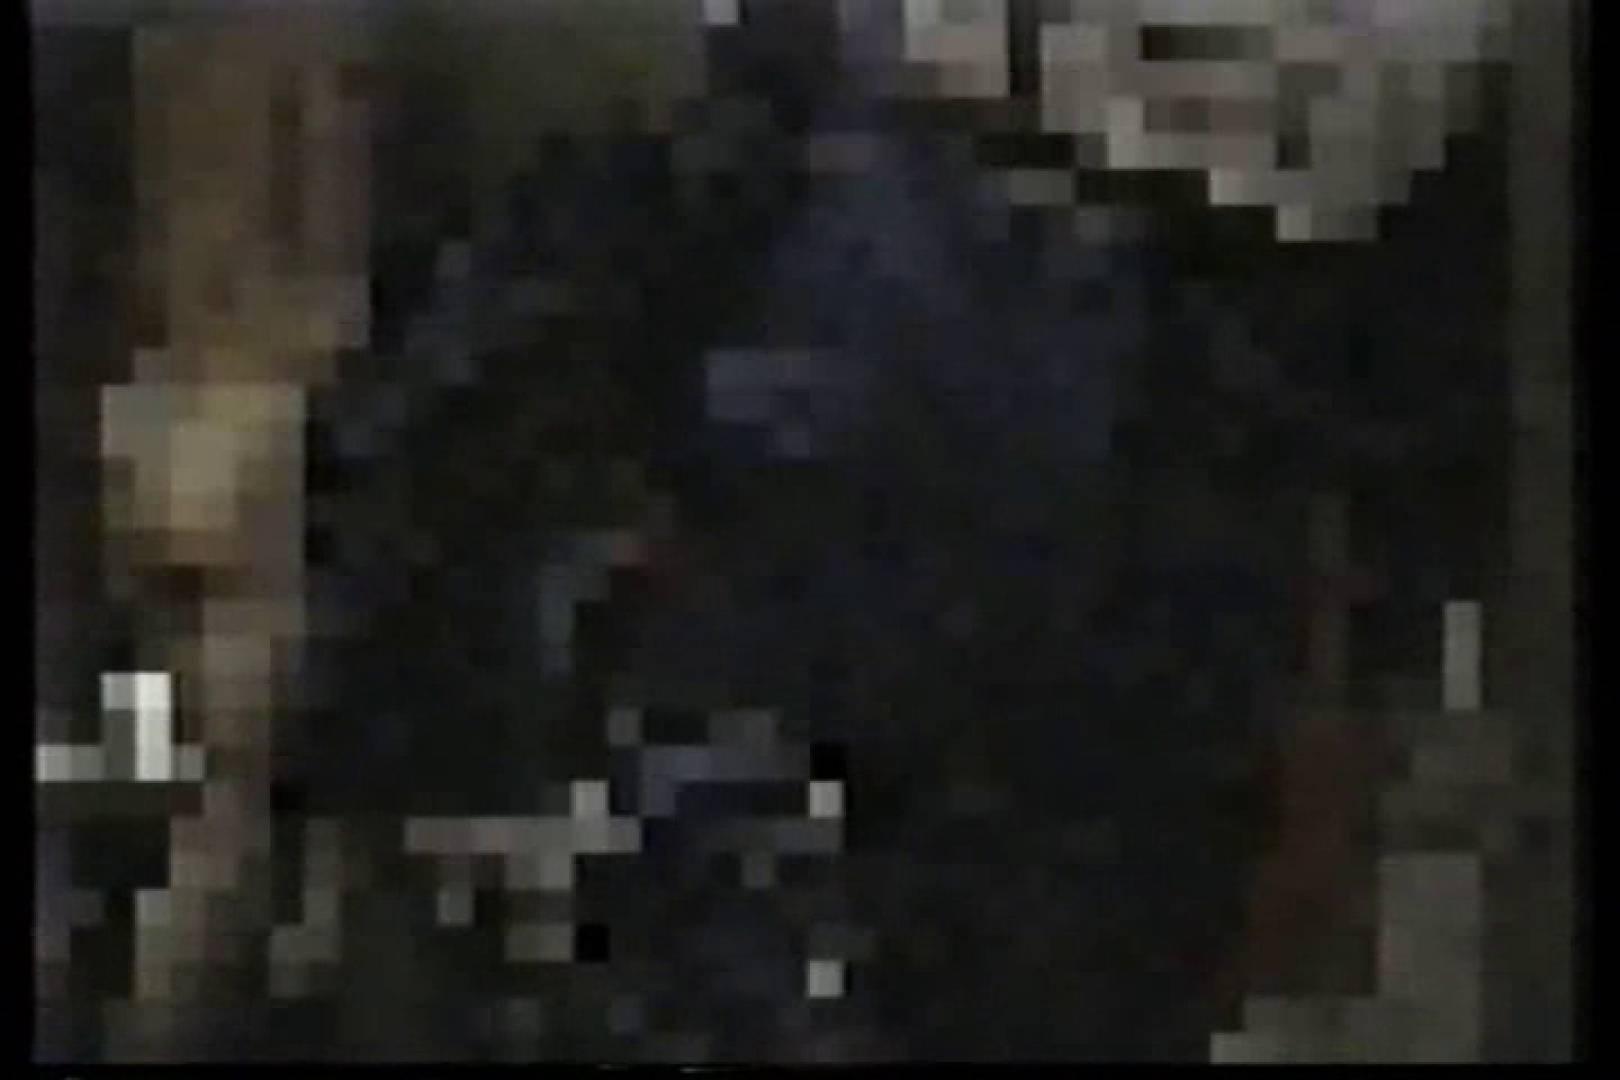 洋人さんの脱衣所を覗いてみました。VOL.3 男天国 | 0  109pic 18